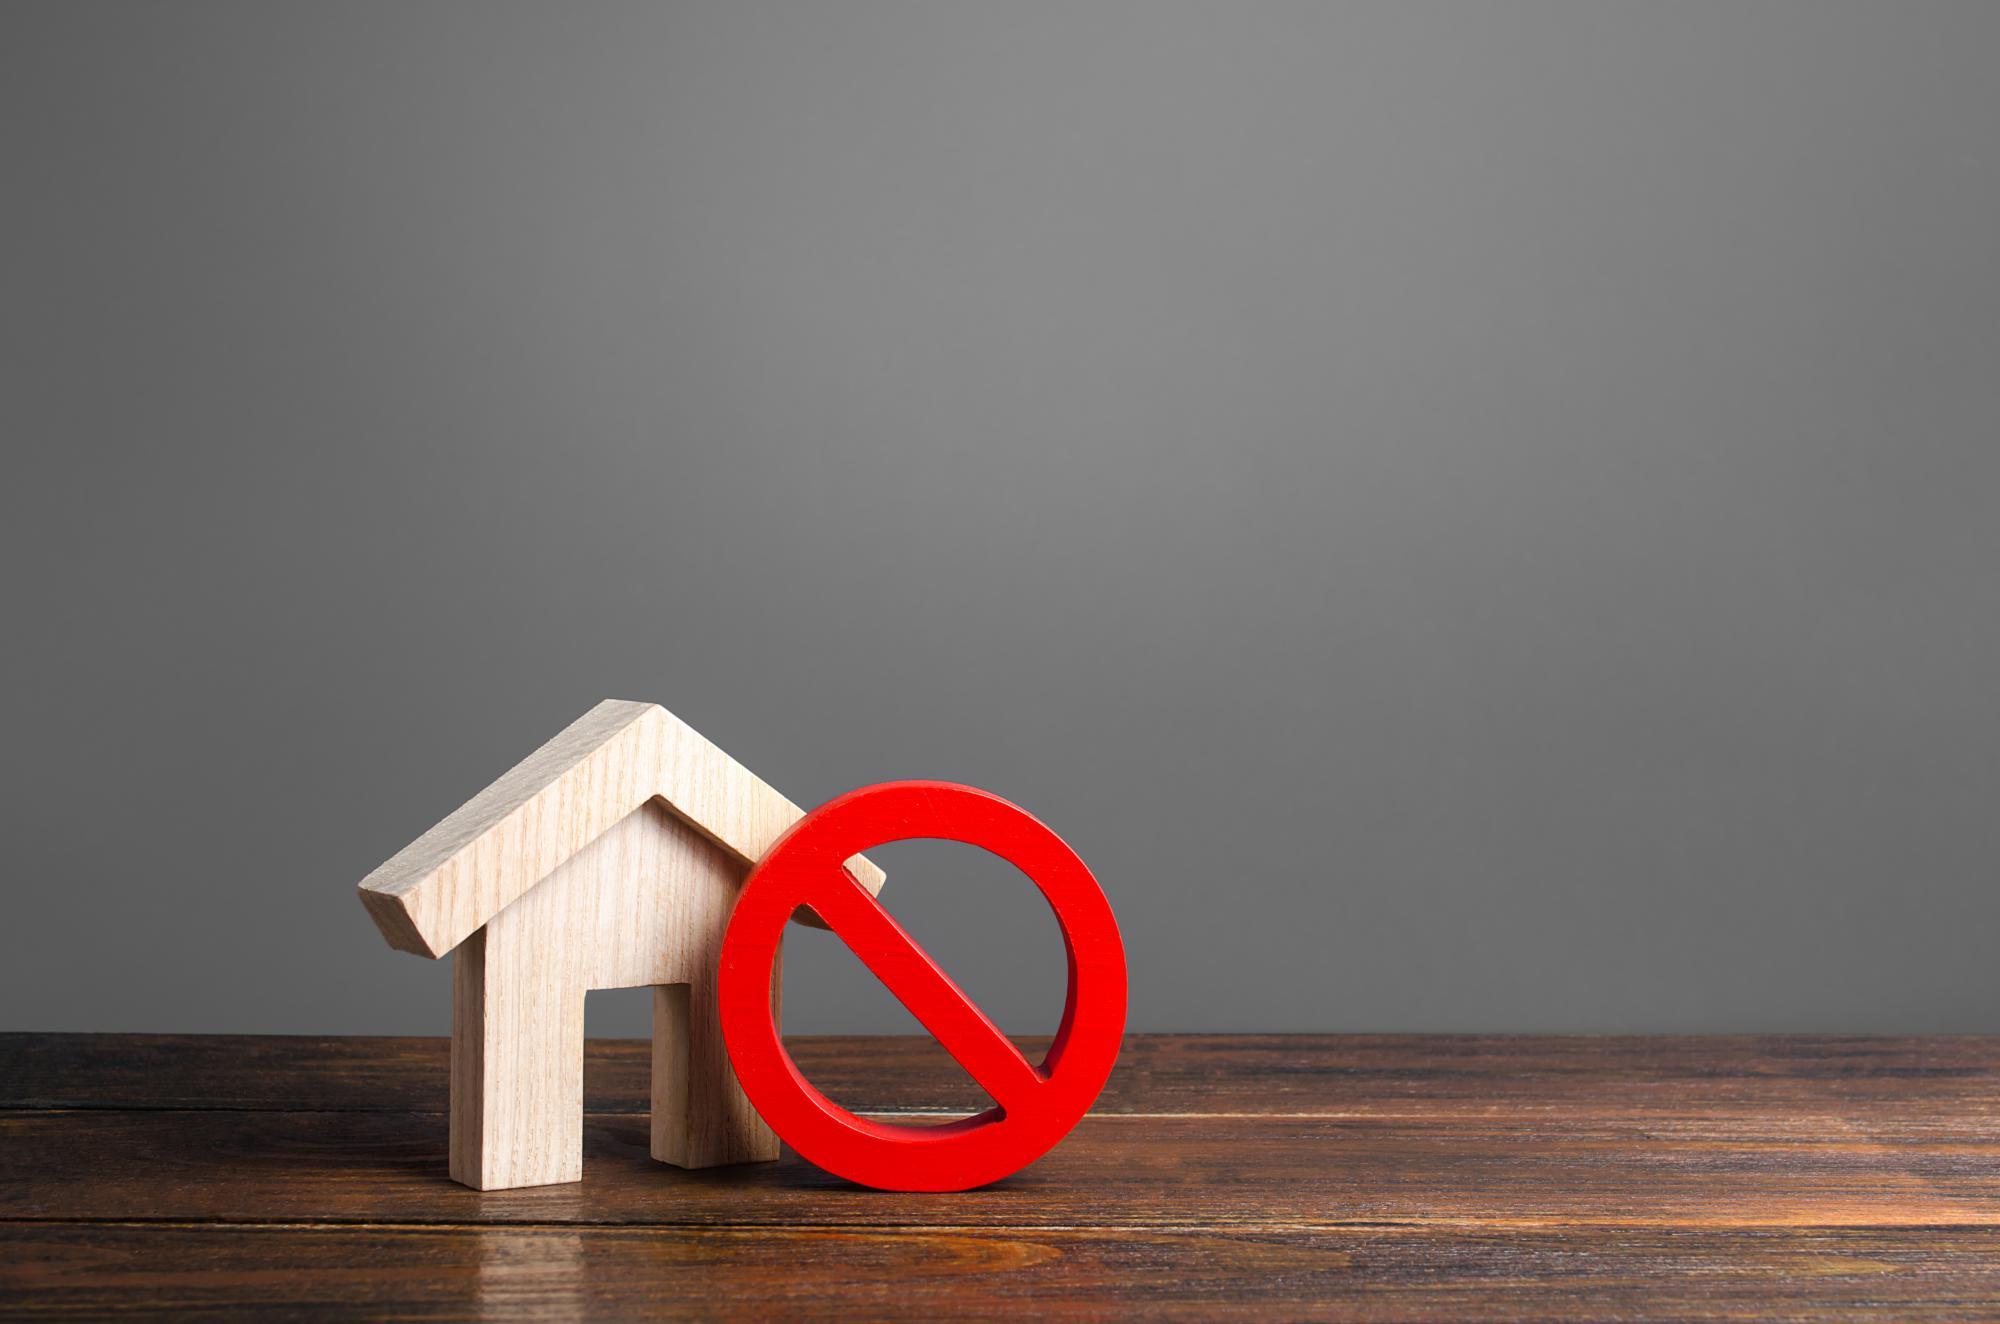 Канада введет налог на недвижимость для нерезидентов